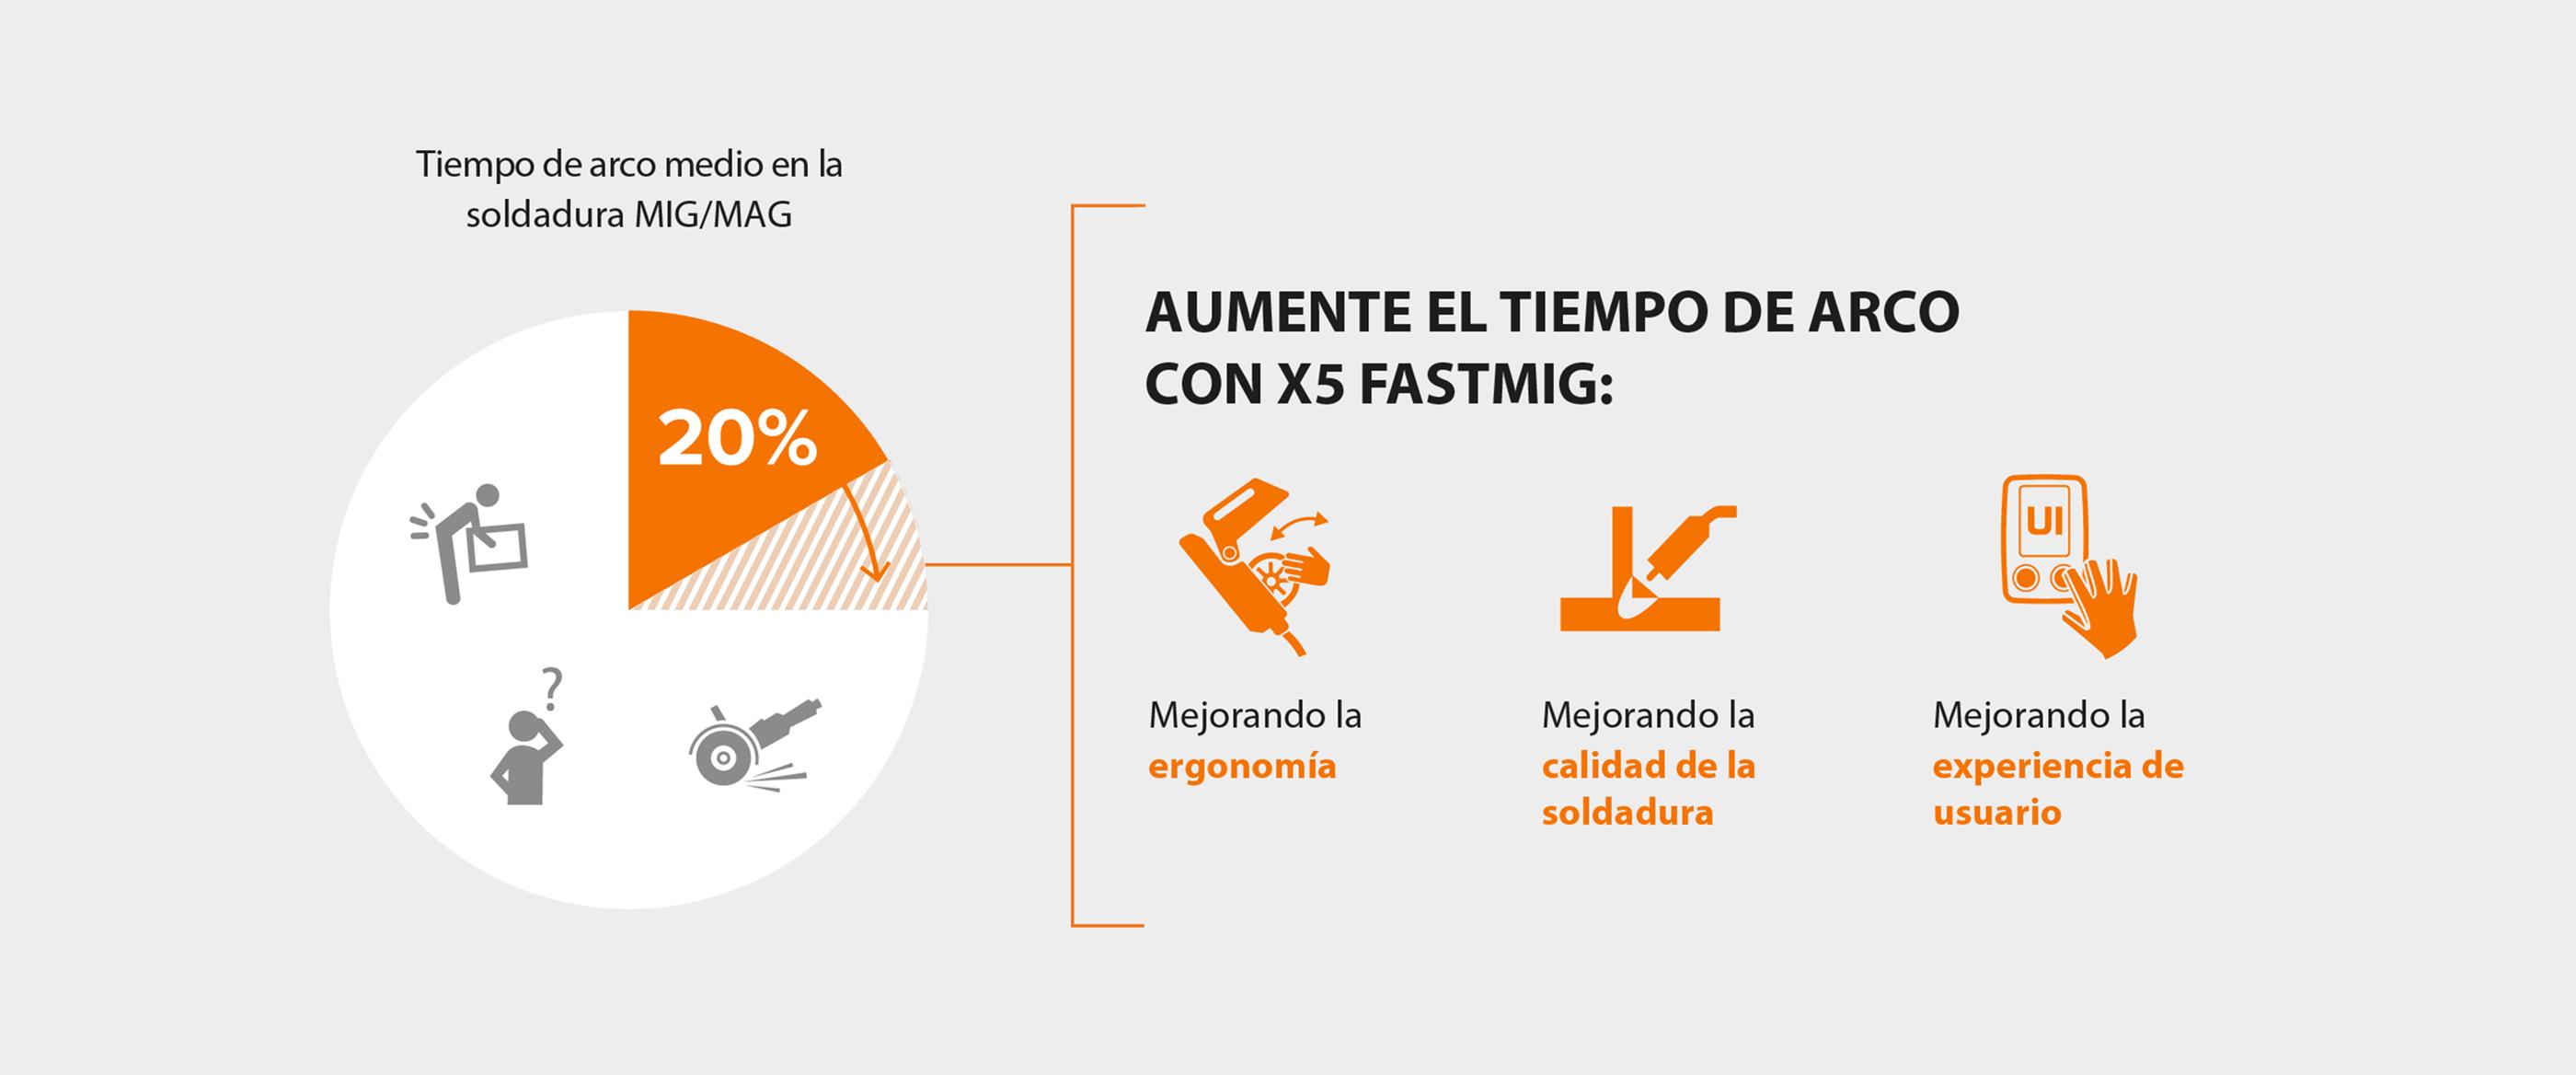 Cómo aumentar el tiempo en arco con X5 FastMig